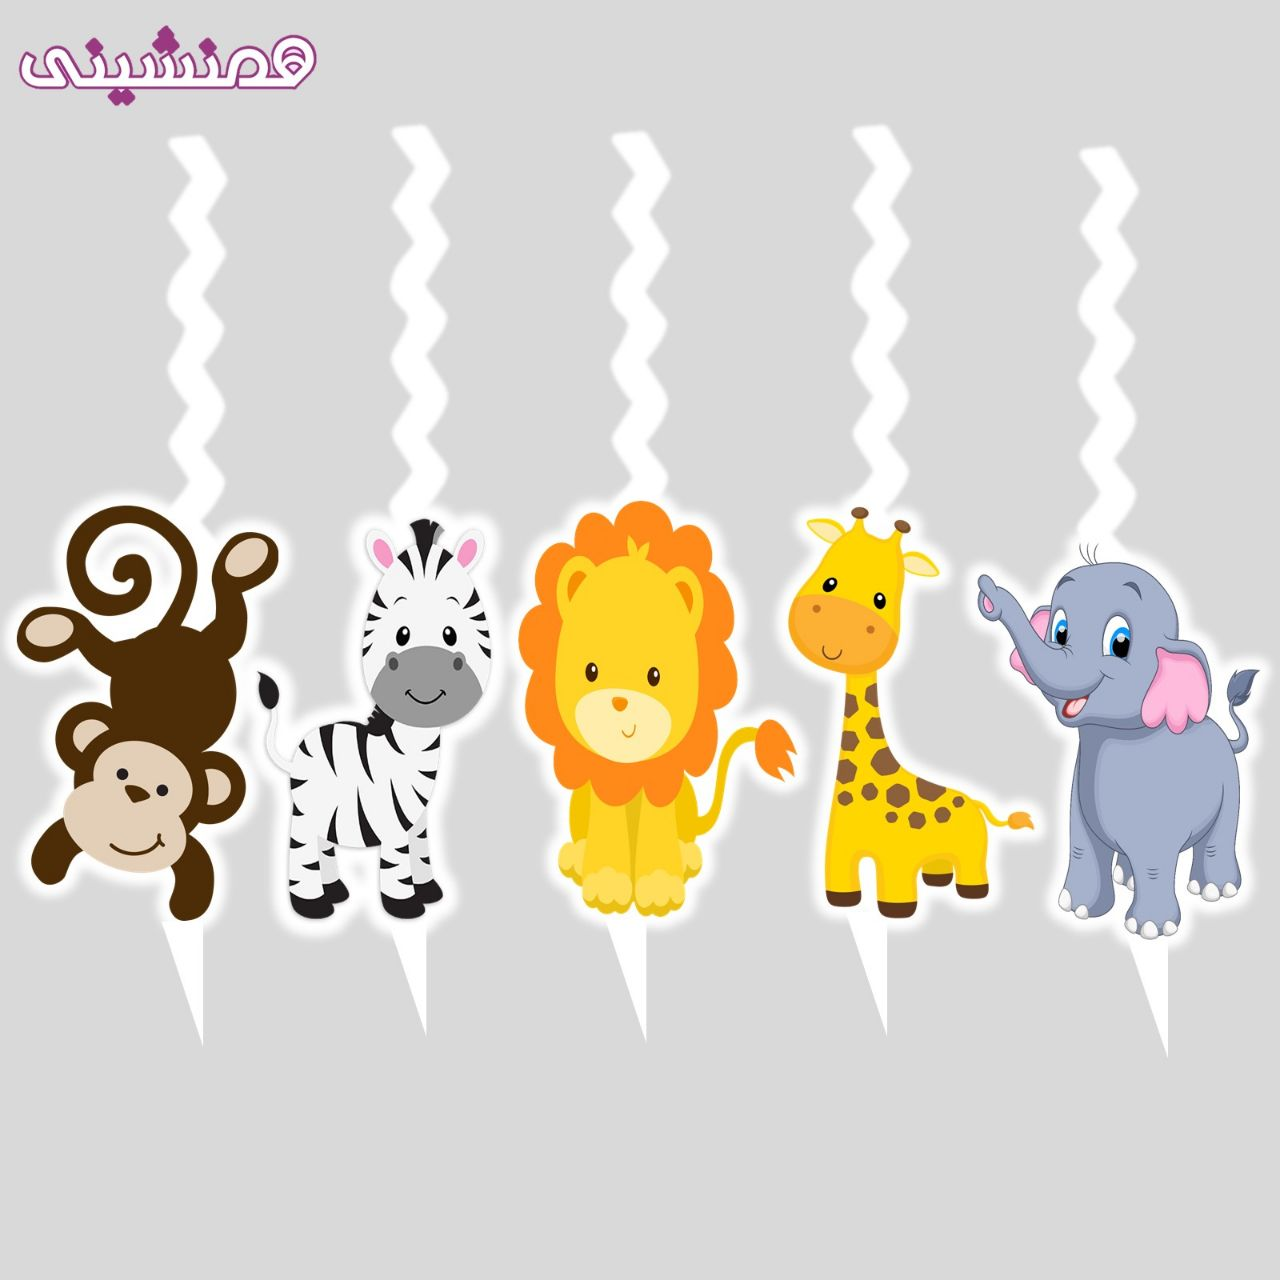 تصویر شمعهای زیبای شخصیت تم حیوانات جنگل طرح 01